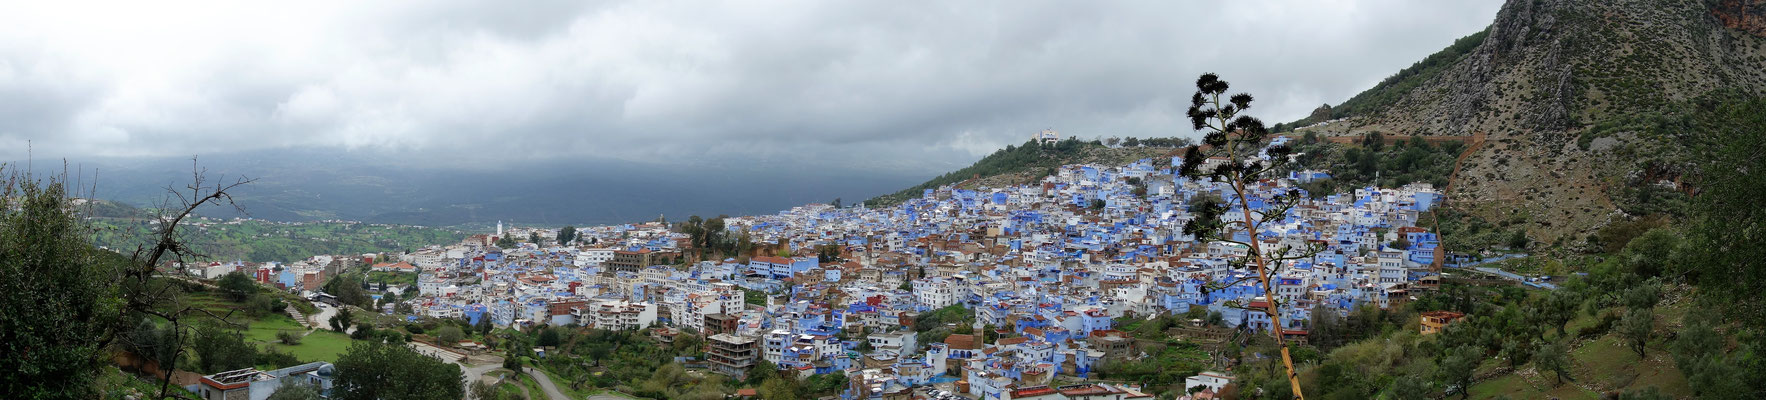 Die Medina von Chefchaouen